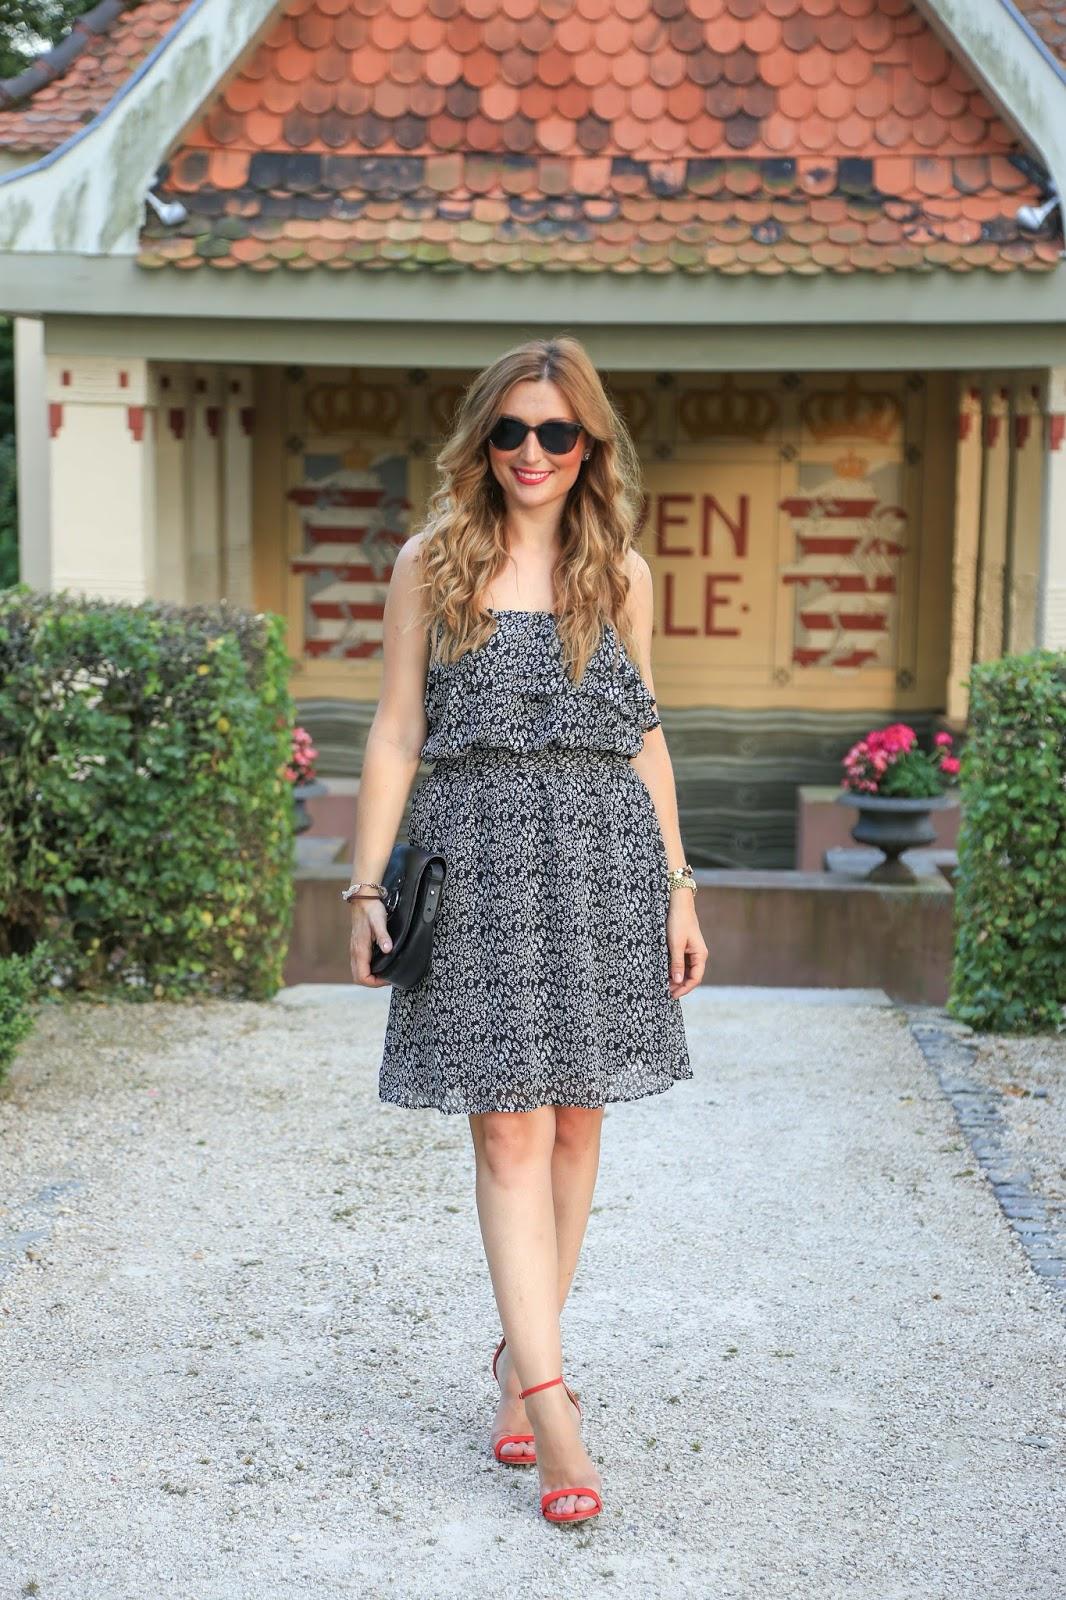 Fashionblogger aus Deutschland  Lifestyleblogger - Outfits der Blogger - Blogger Sommer Look - Sommerlook Blogger